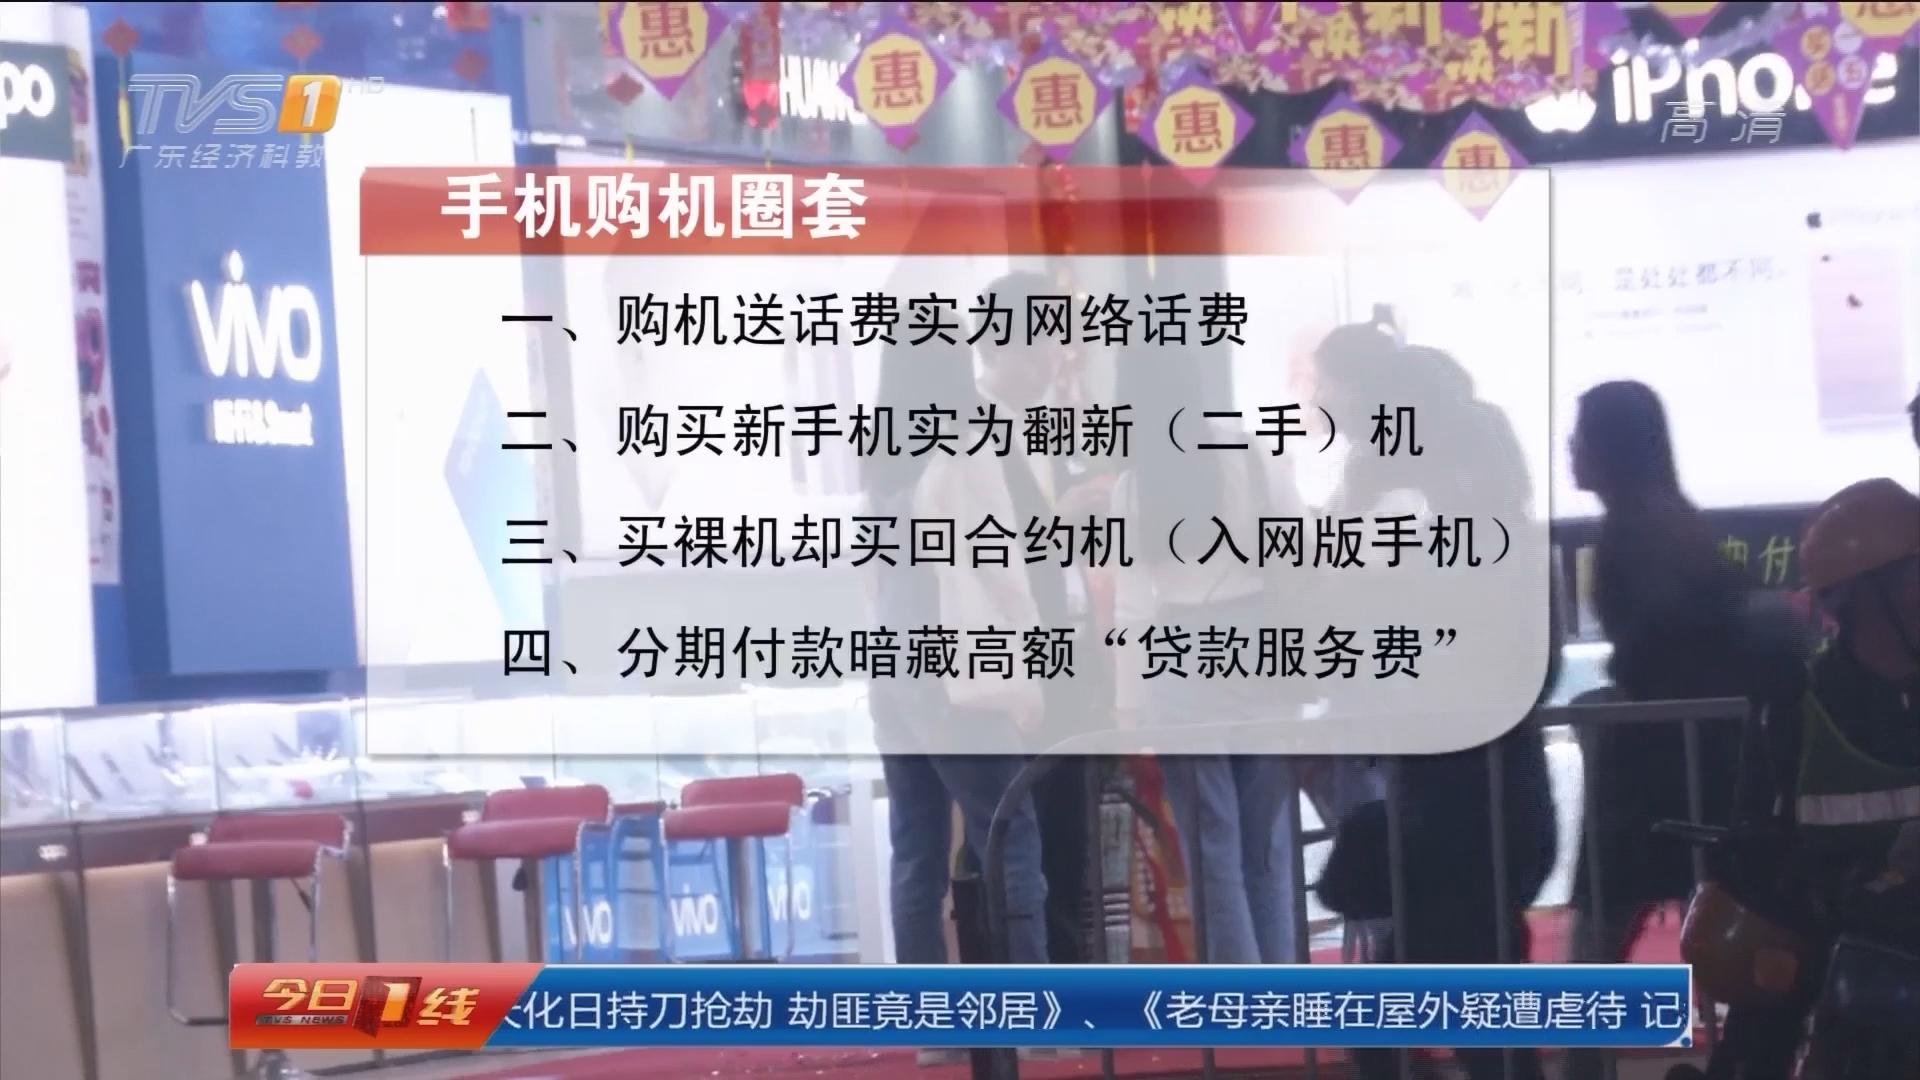 3·15手机消费陷阱追踪 广州花都:停业整顿+全面警示